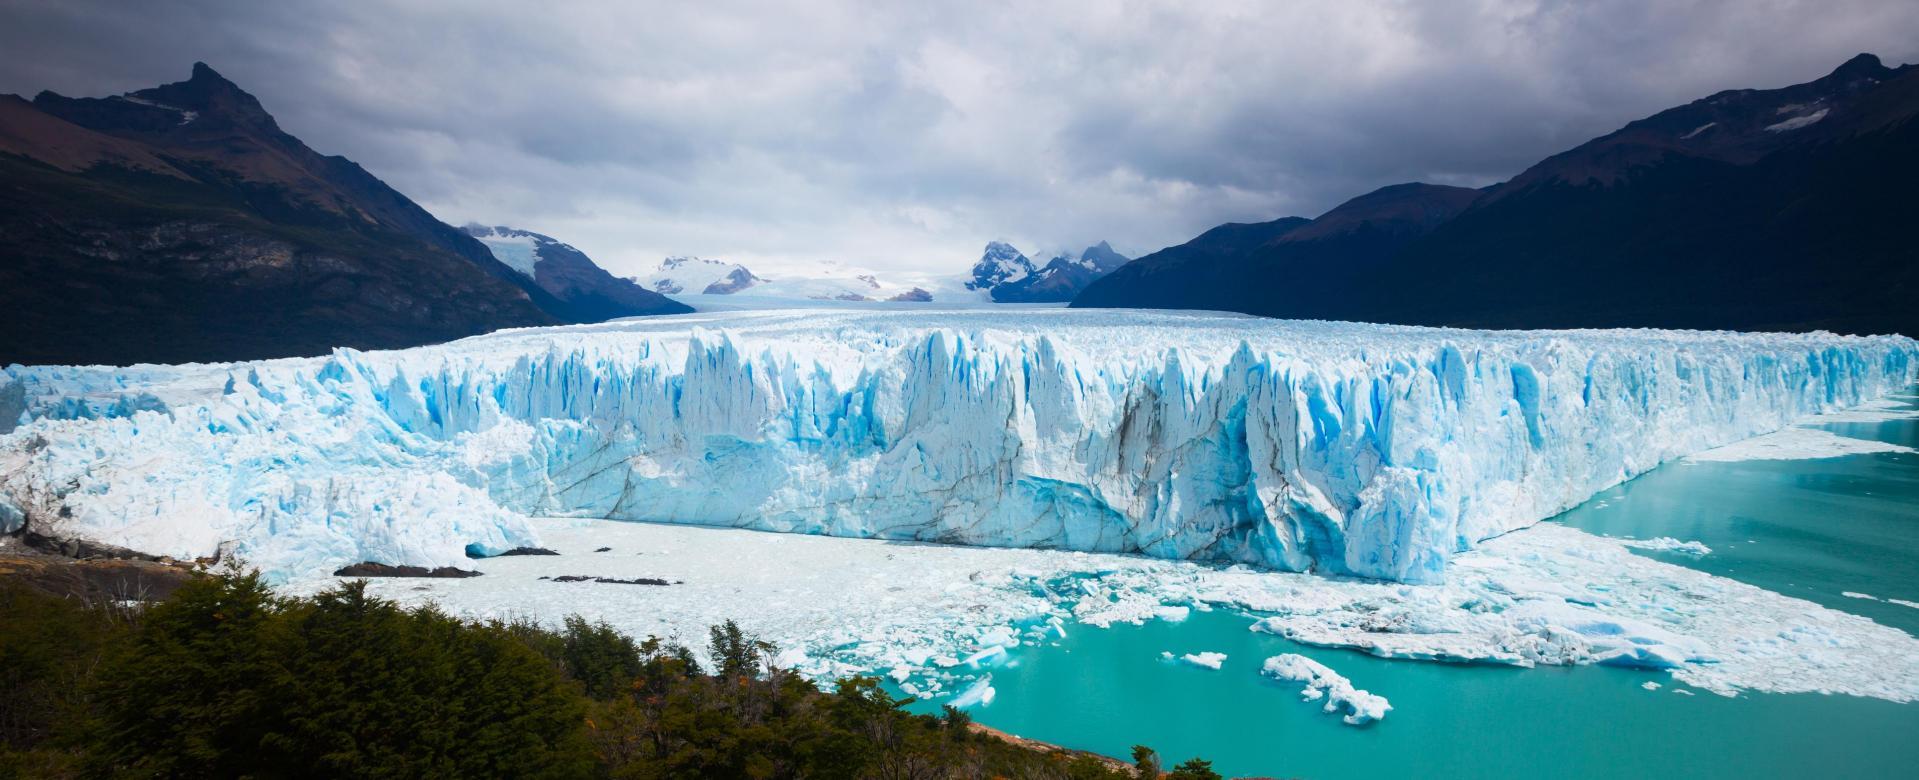 Voyage à pied : Aventure du bout du monde